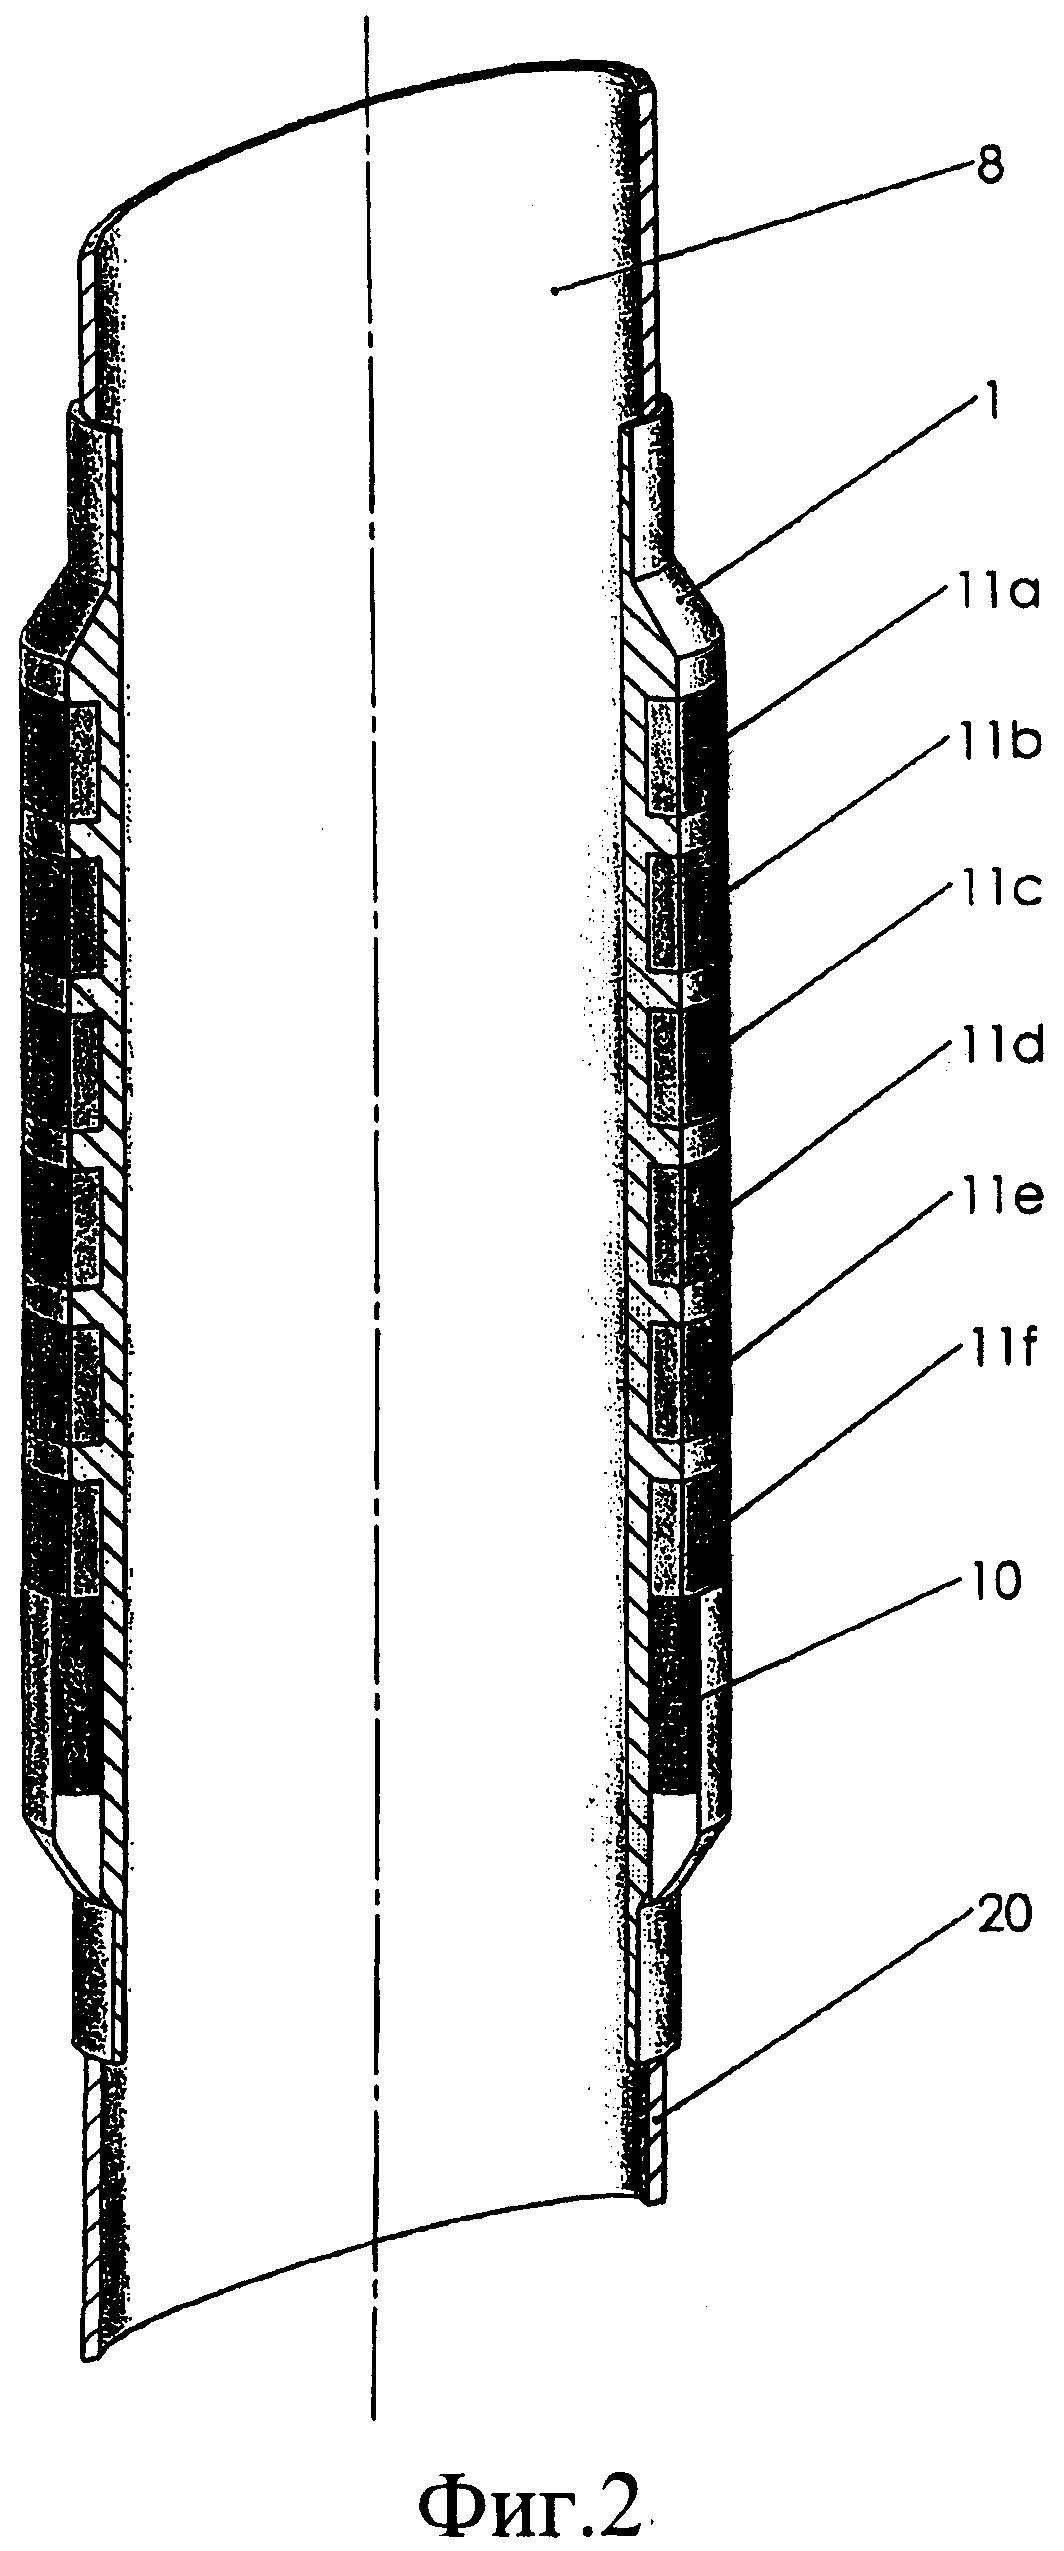 Способы формования жевательной резинки и карамельного кондитерского материала (варианты)